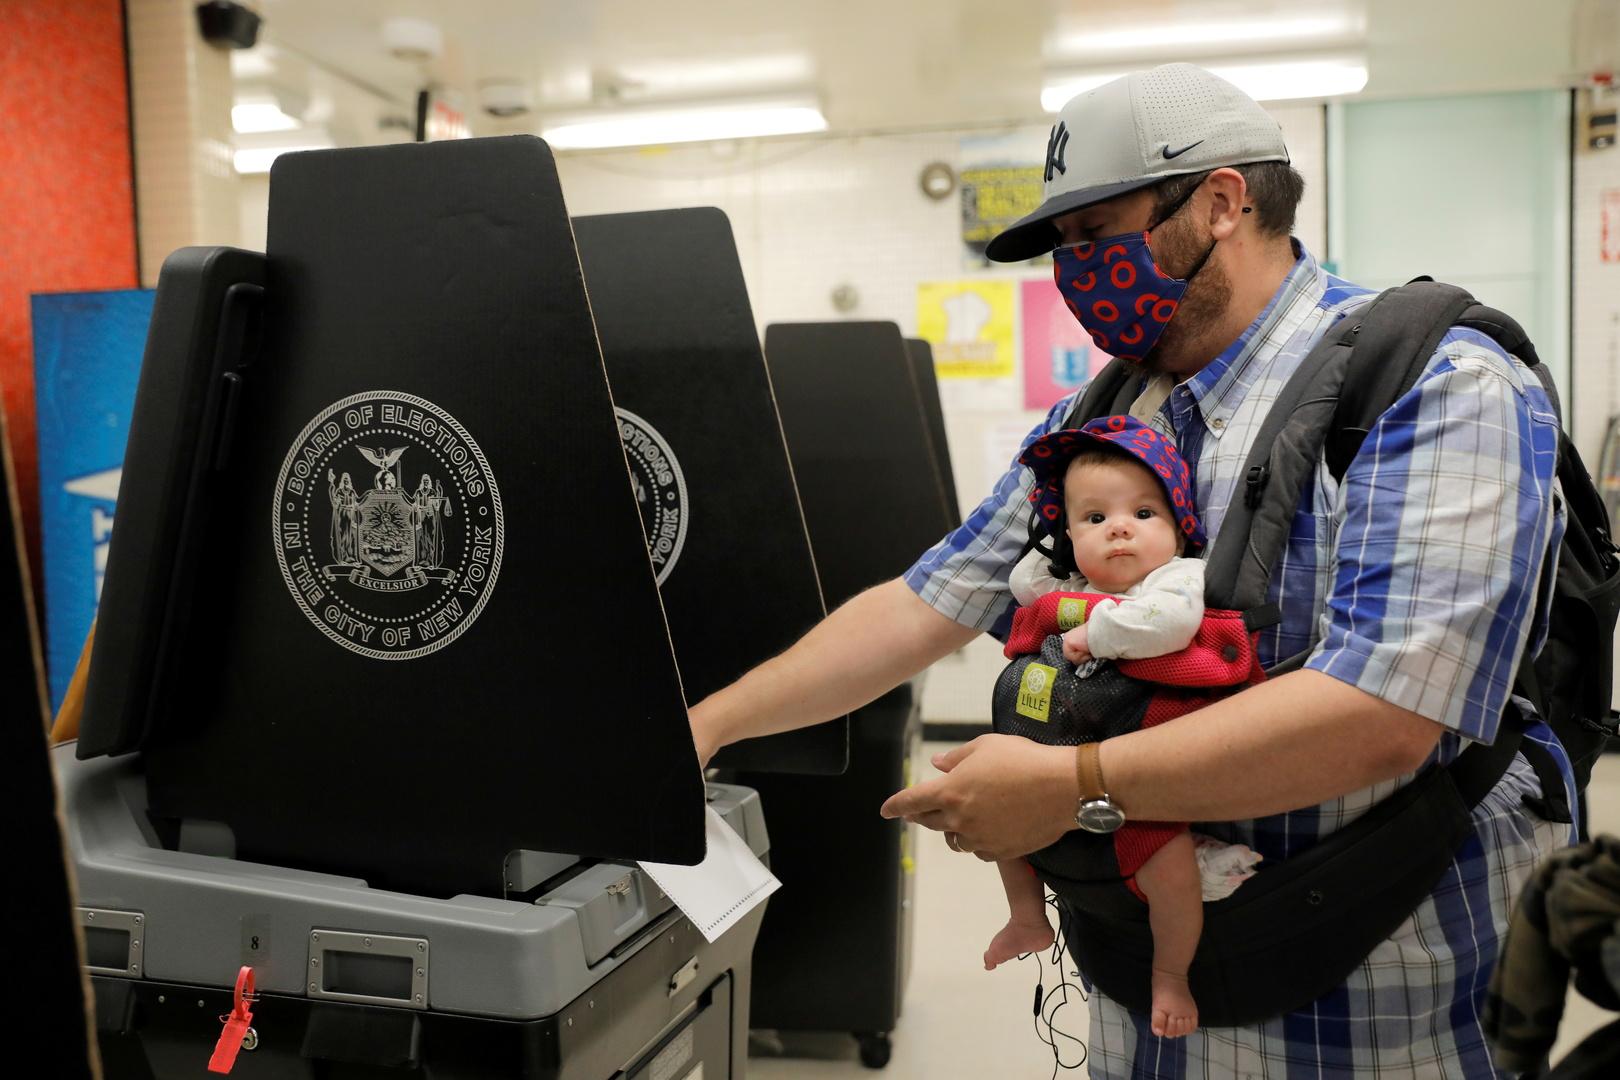 سكان نيويورك يختارون بين مرشحي الحزب الديمقراطي رئيسا للبلدية